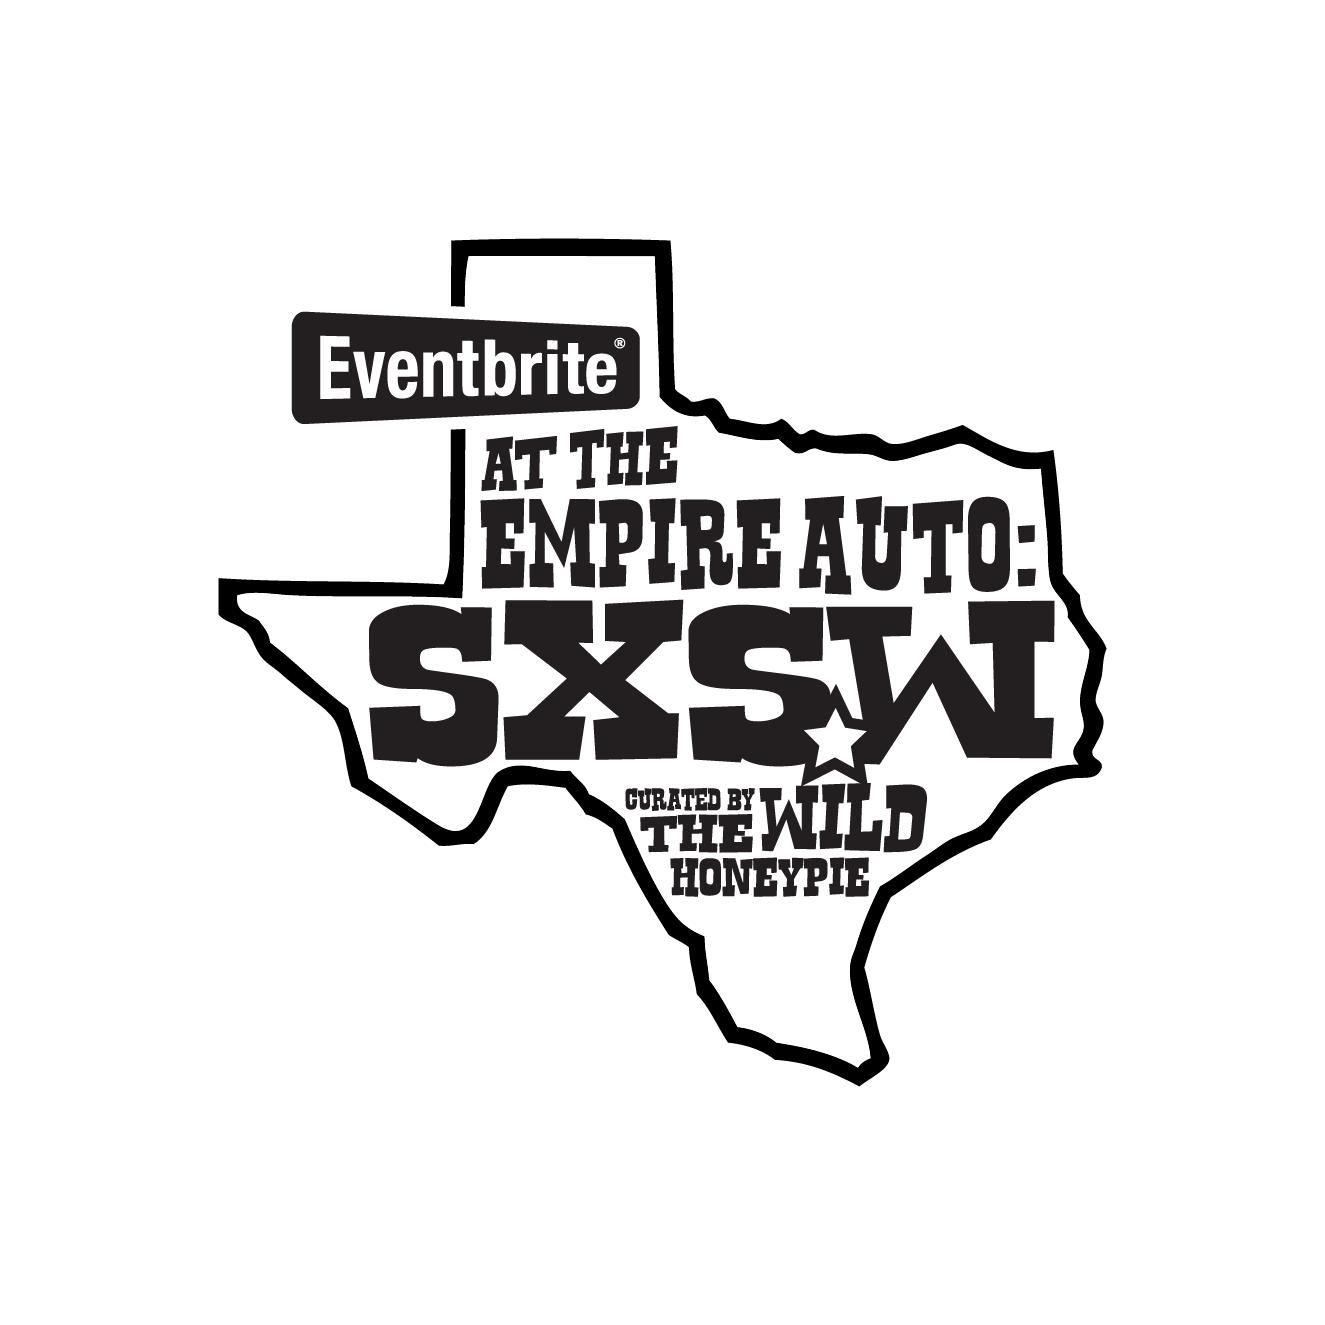 Eventbrite SXSW